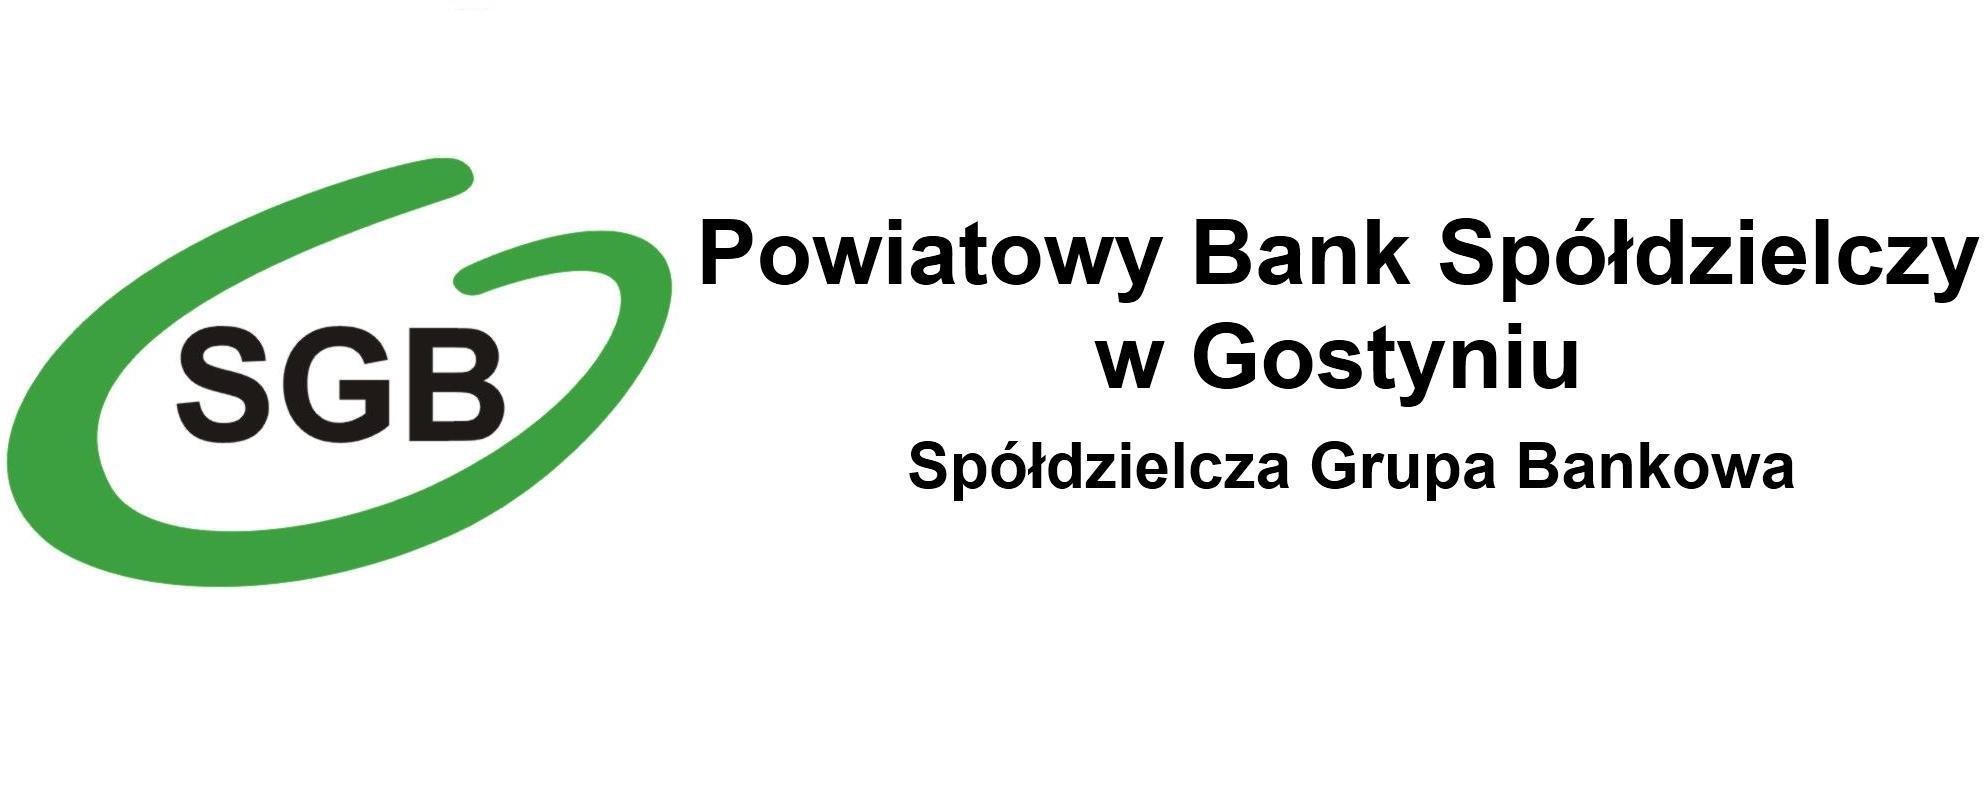 Strona główna - Powiatowy Bank Spółdzielczy w Gostyniu